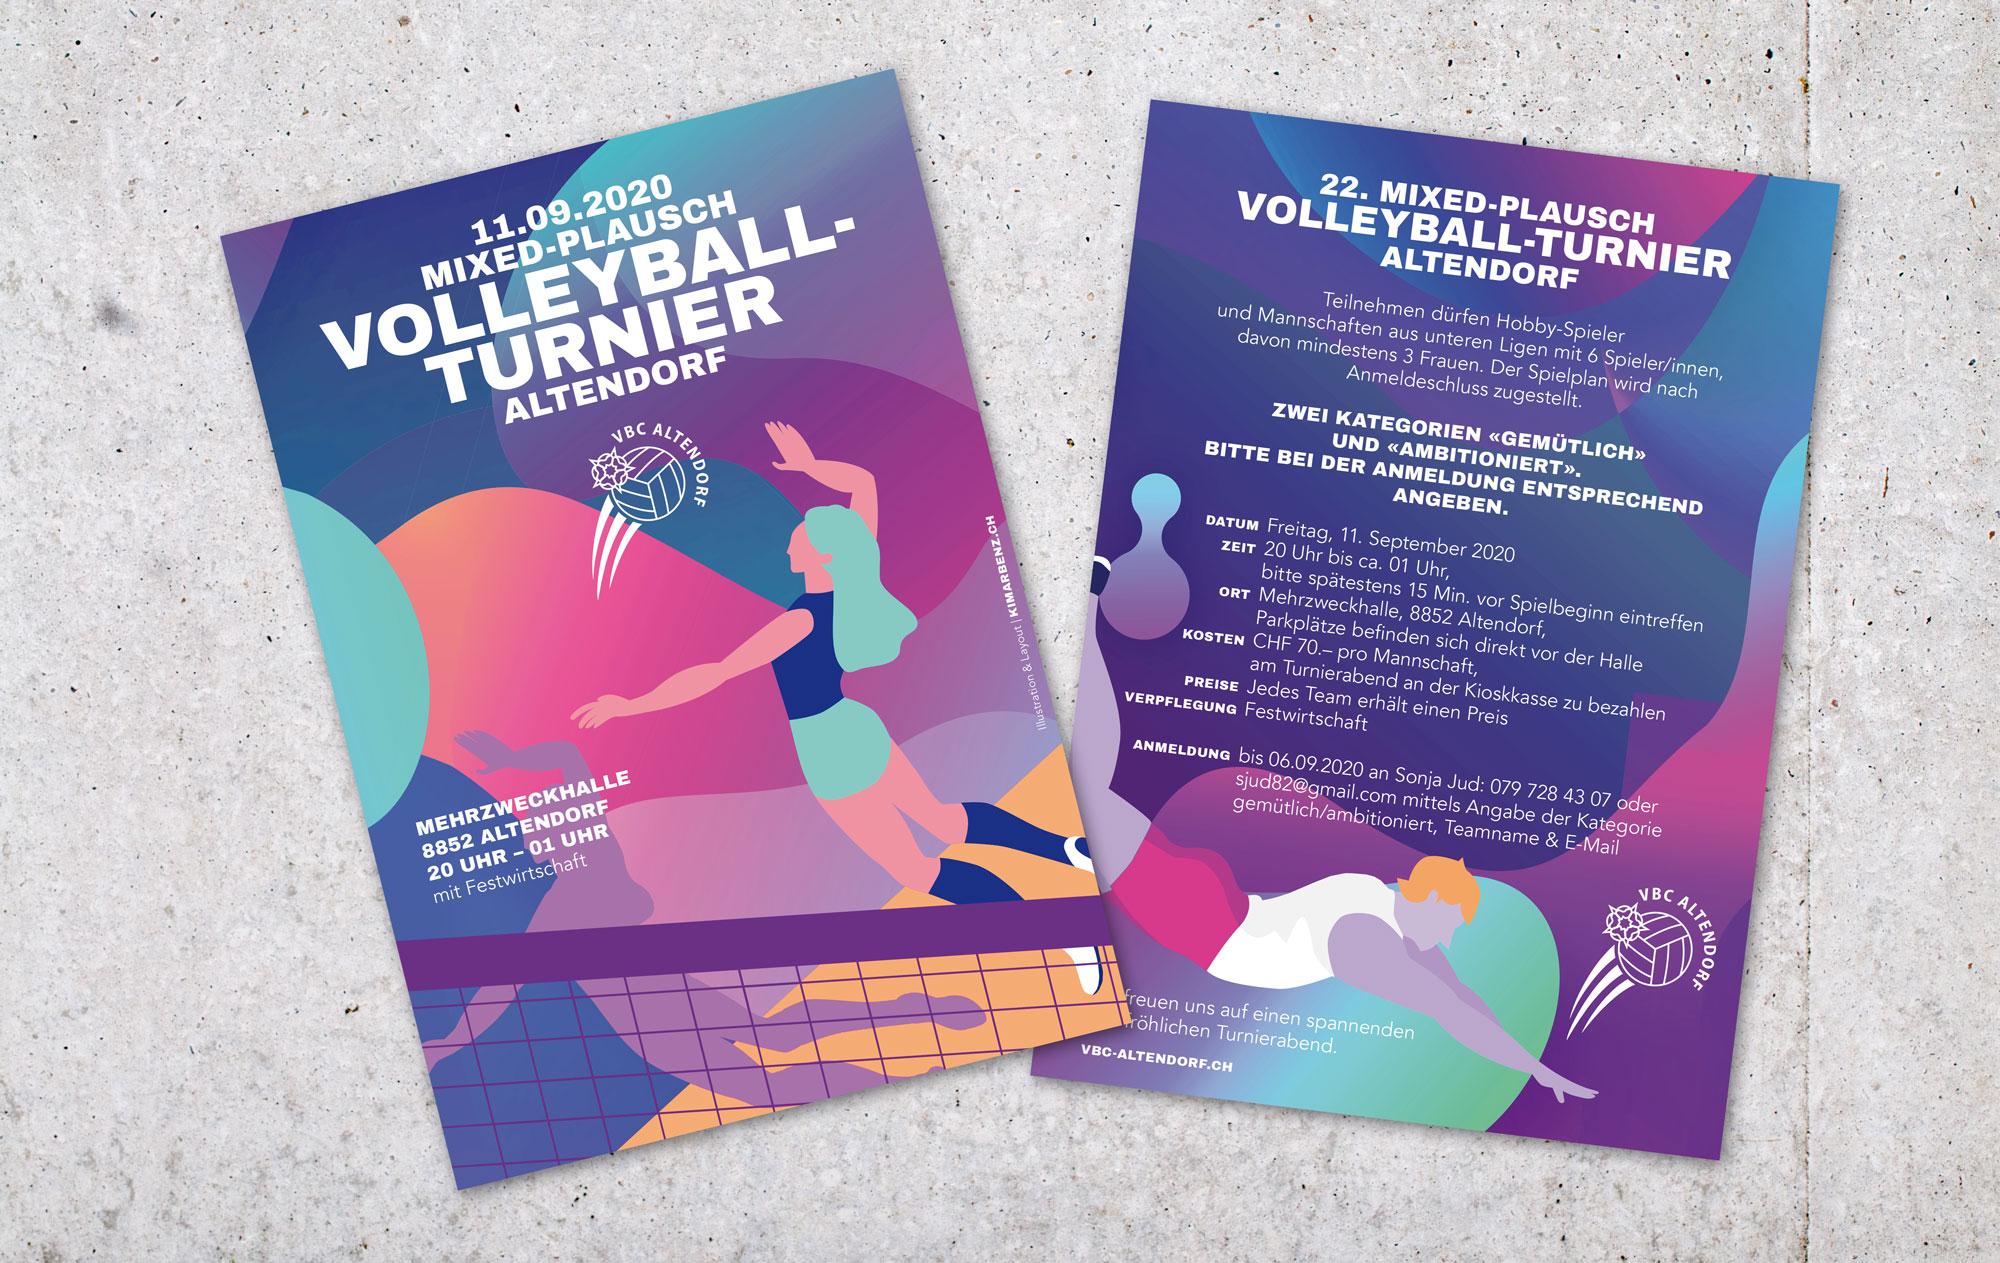 Volleyball Altendorf Flyer 2020